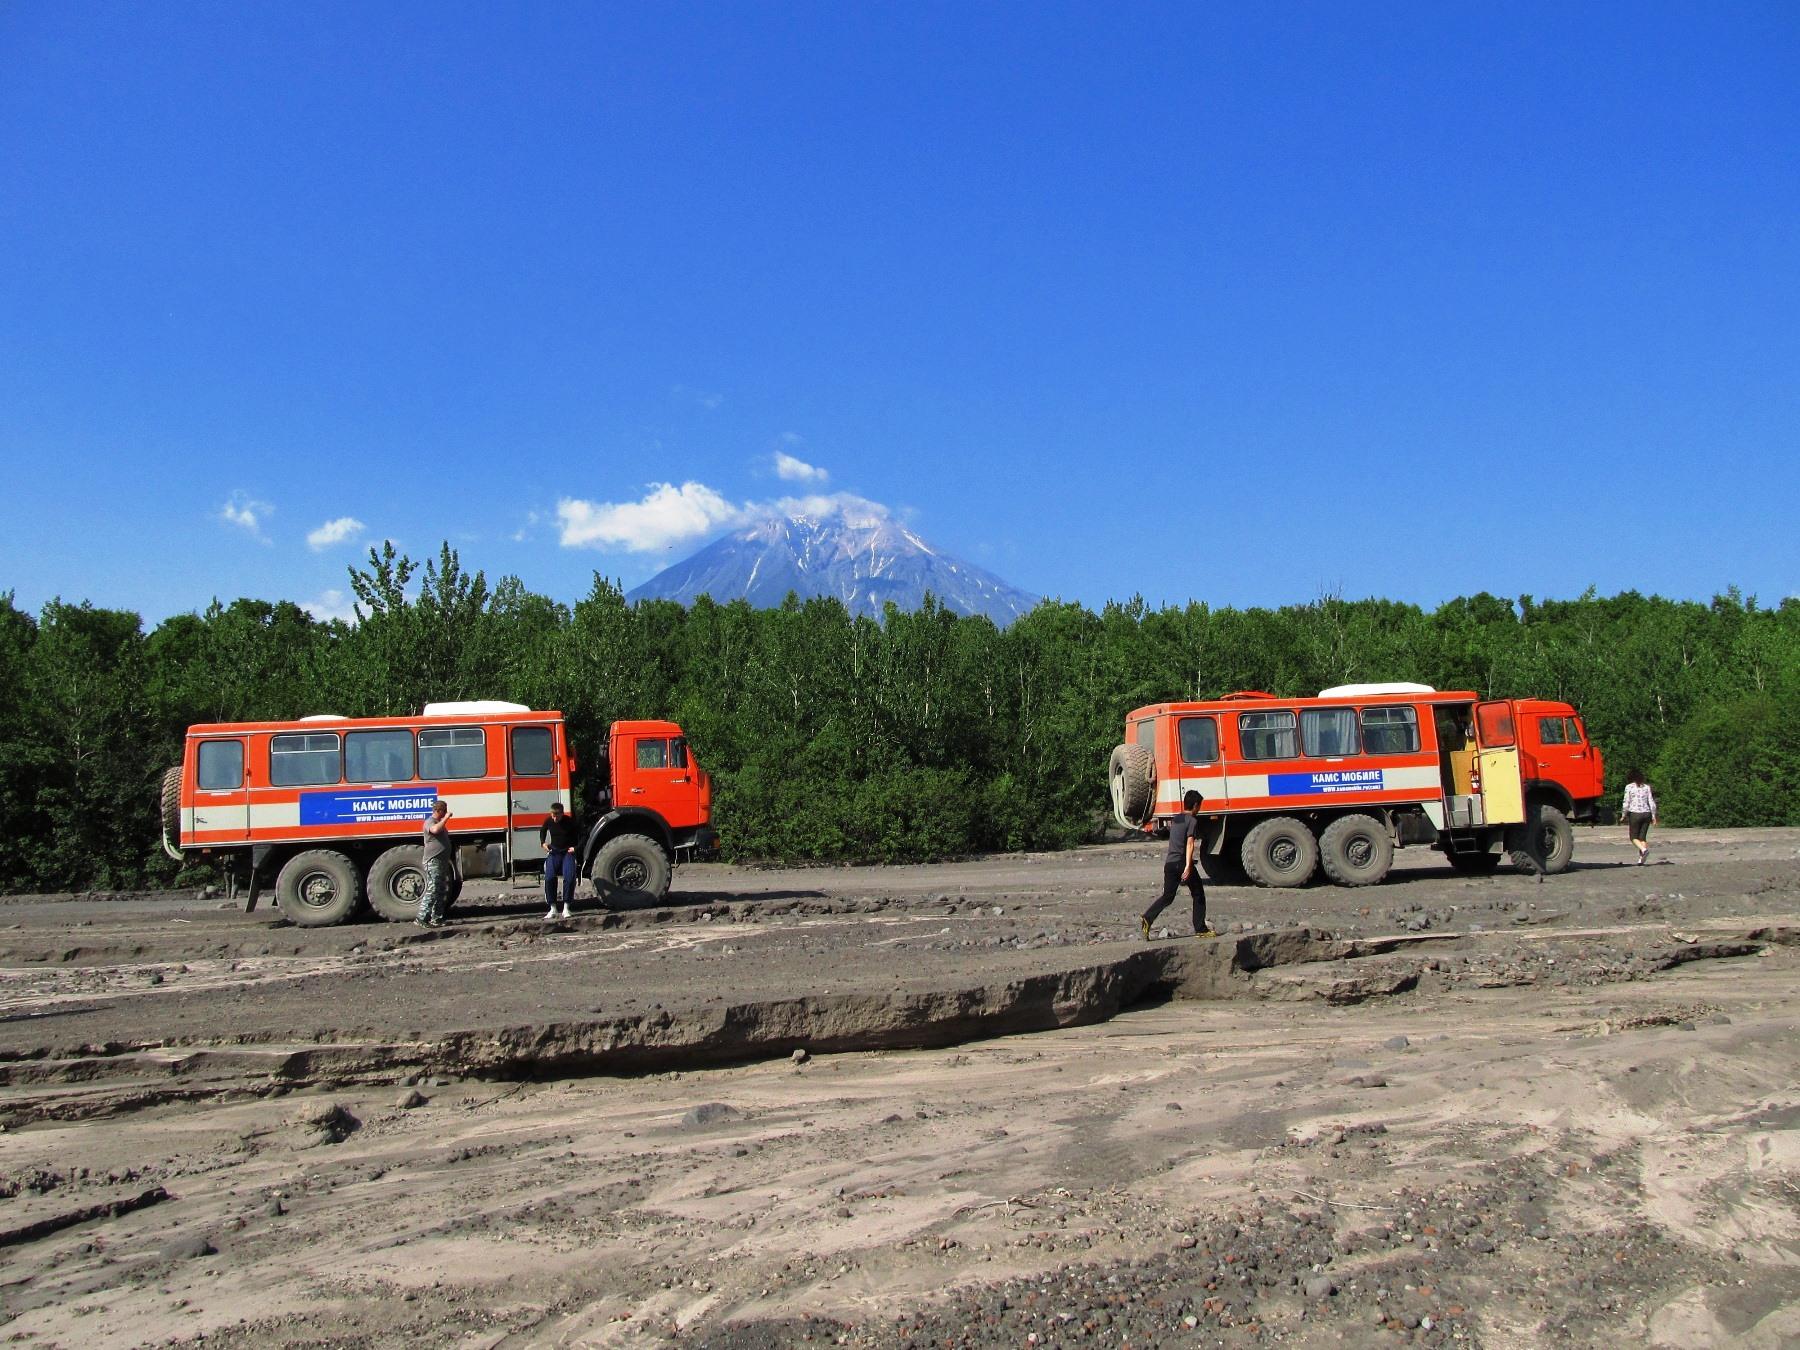 四輪駆動の改造バスでアバチャ山麓へ